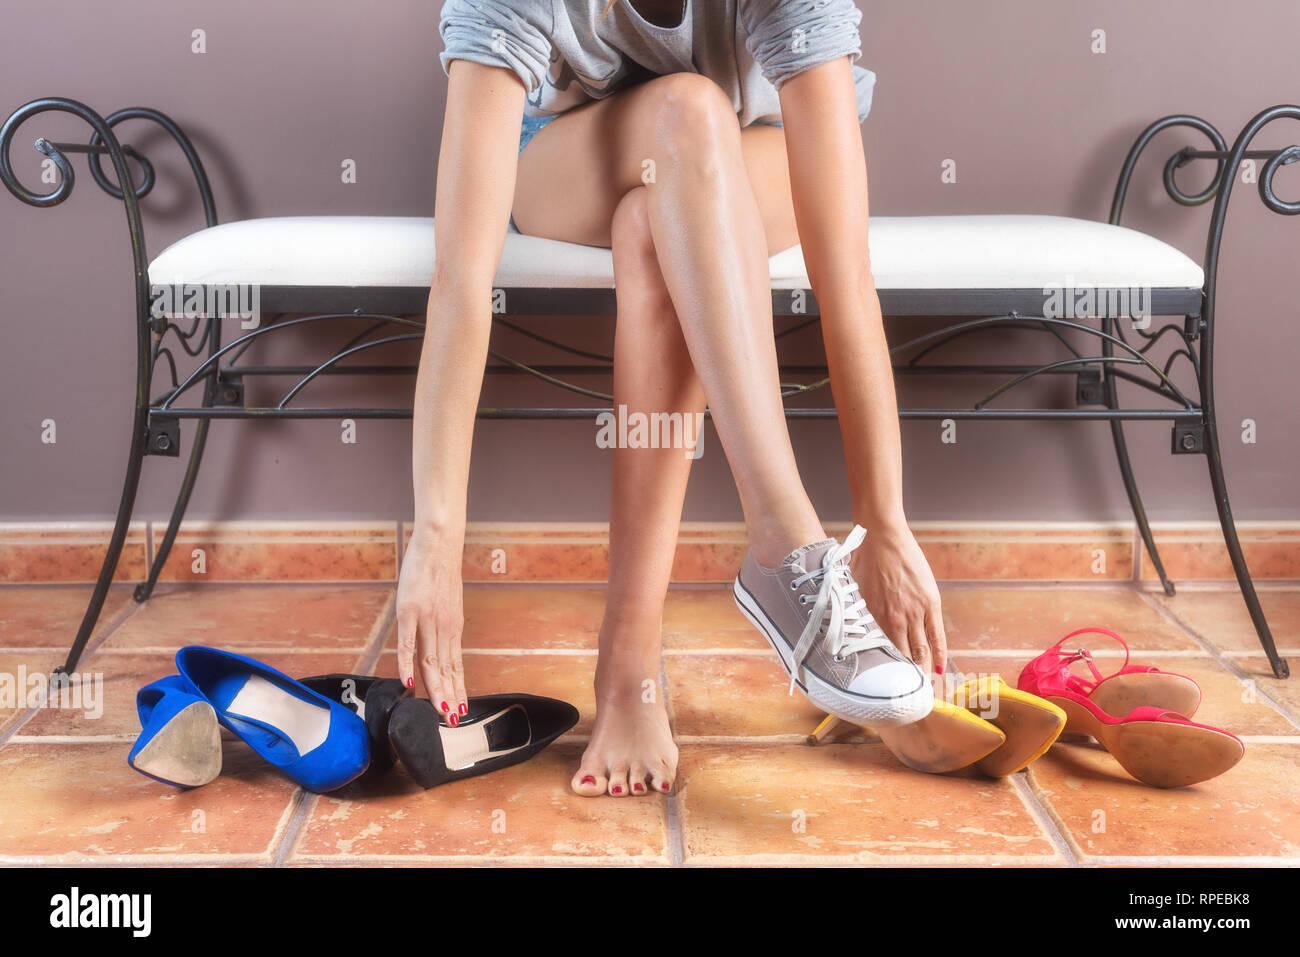 Frau mit perfektem schlanke Beine, Auswahl bequeme